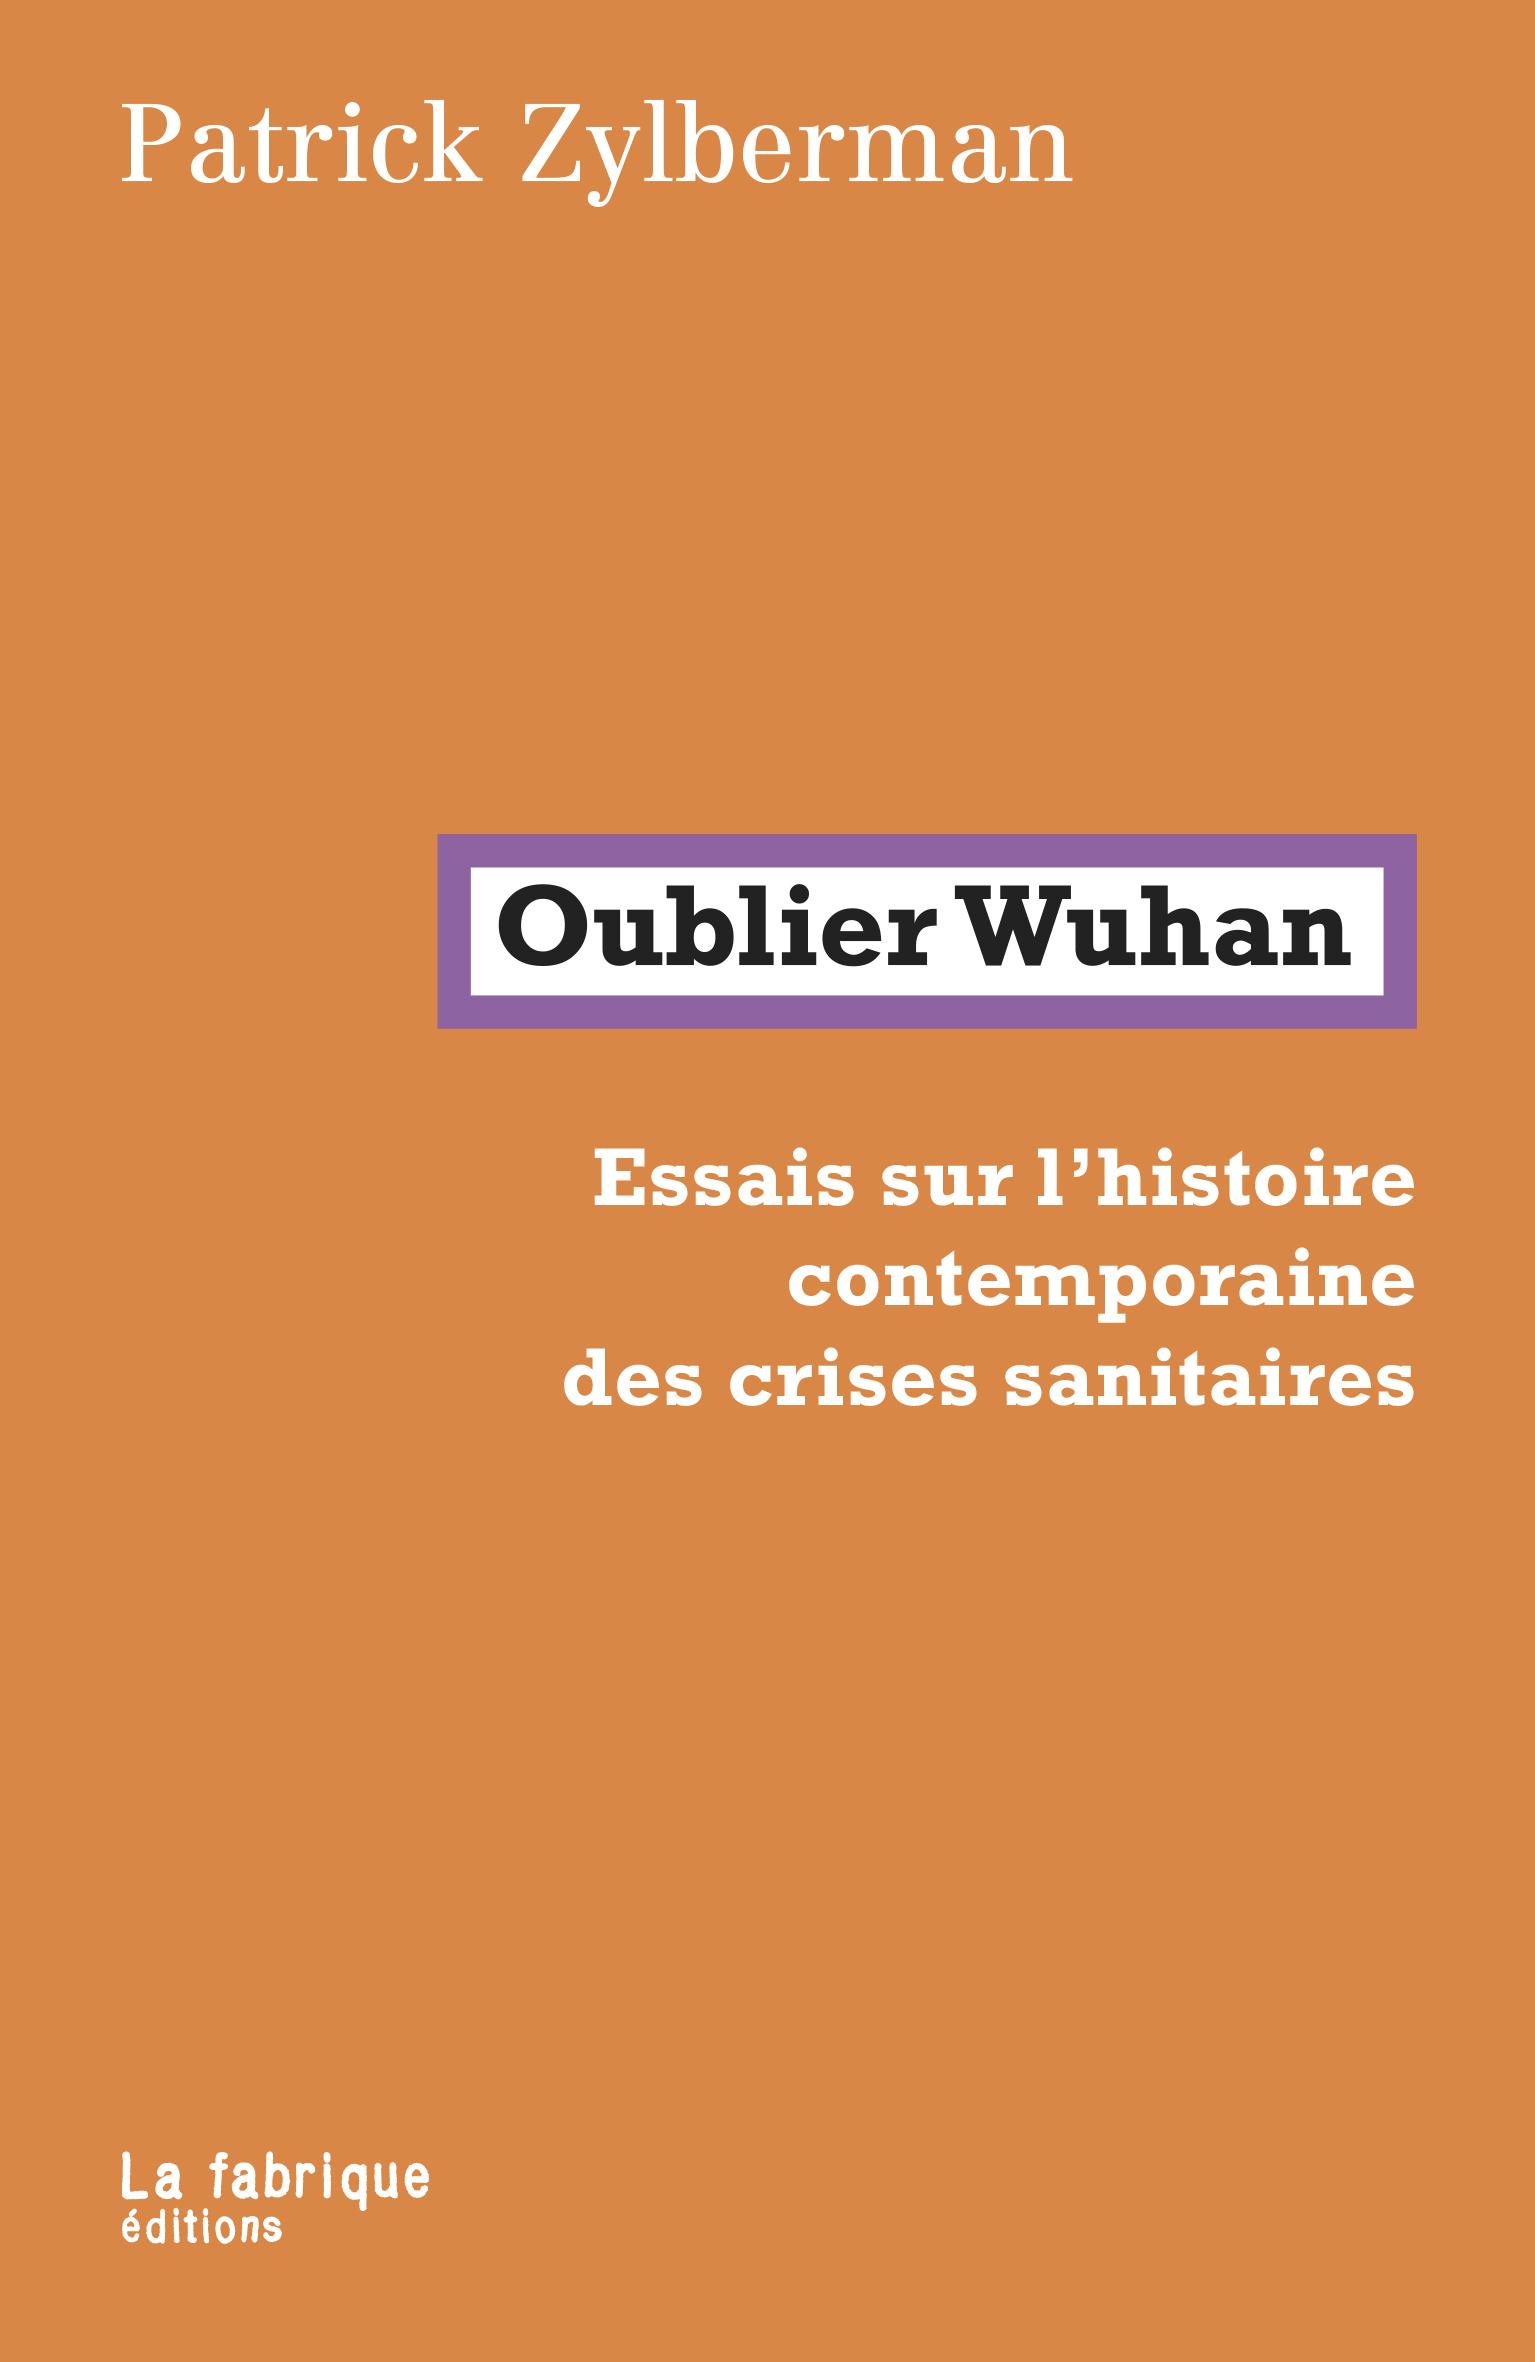 P. Zylberman, Oublier Wuhan. Essais sur l'histoire contemporaine des crises sanitaires